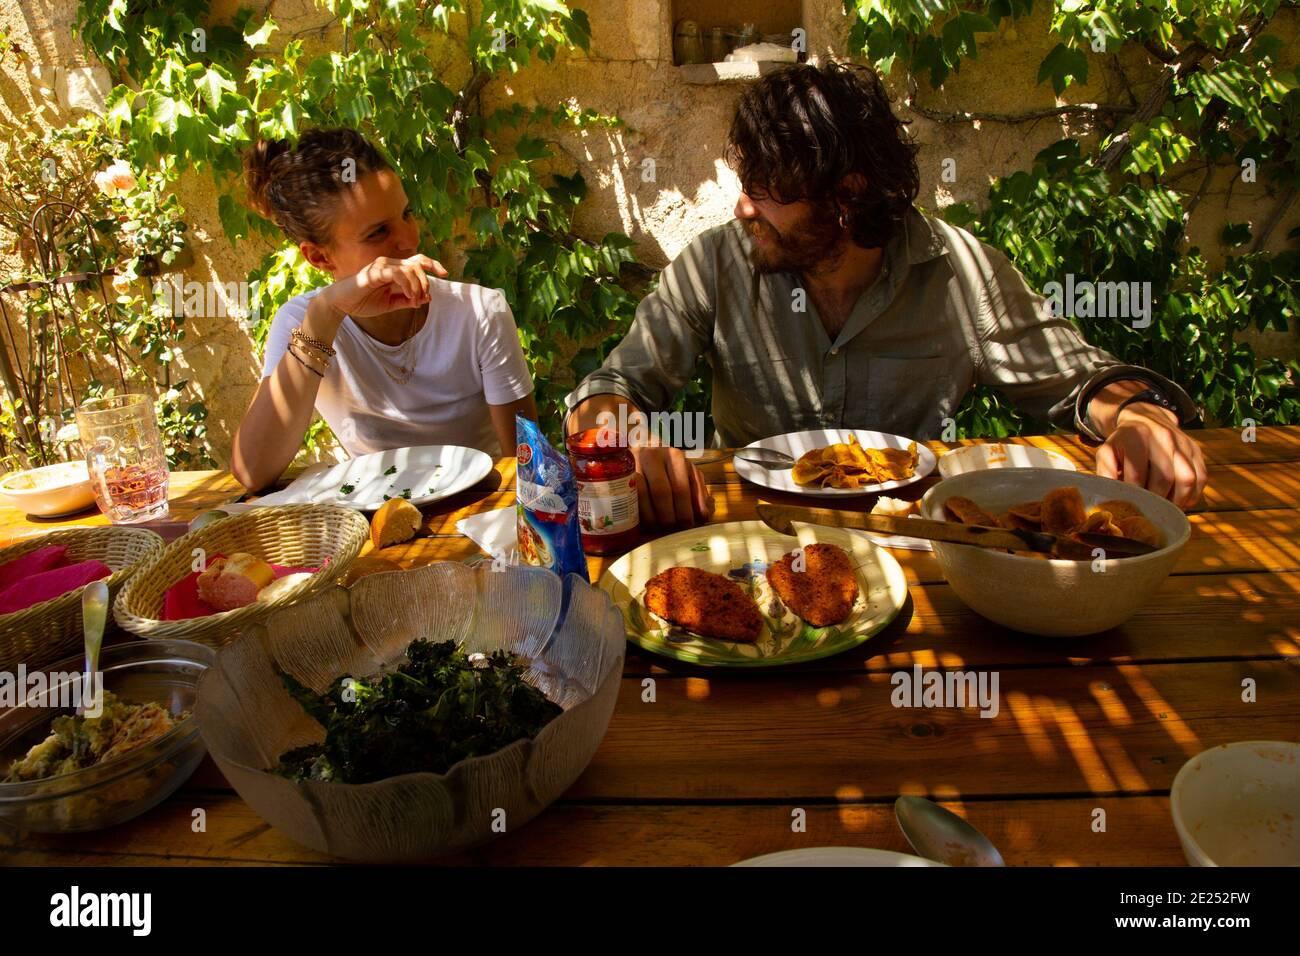 Una giovane coppia che gusta un pasto mediterraneo. Foto Stock